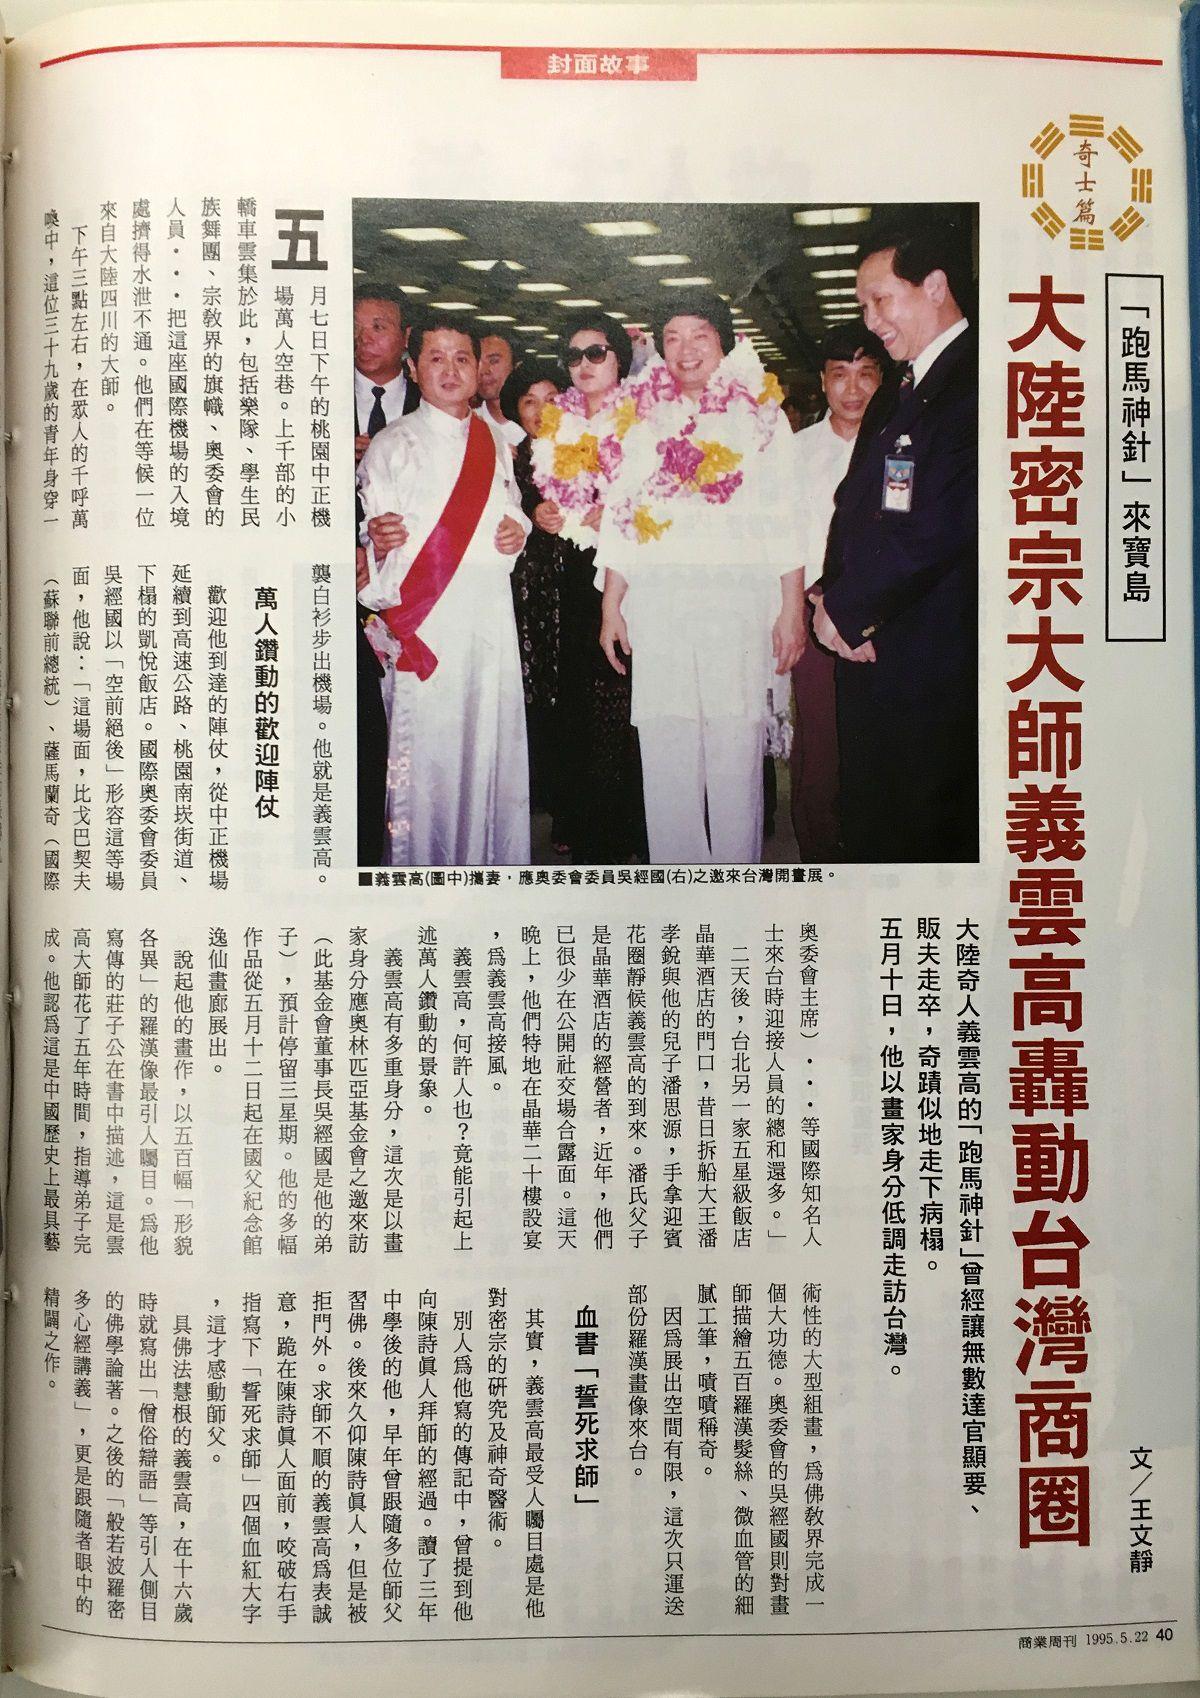 《商業週刊-391期》1995年5月:「跑馬神針」來寶島——大陸密宗大師義雲高轟動臺灣商圈